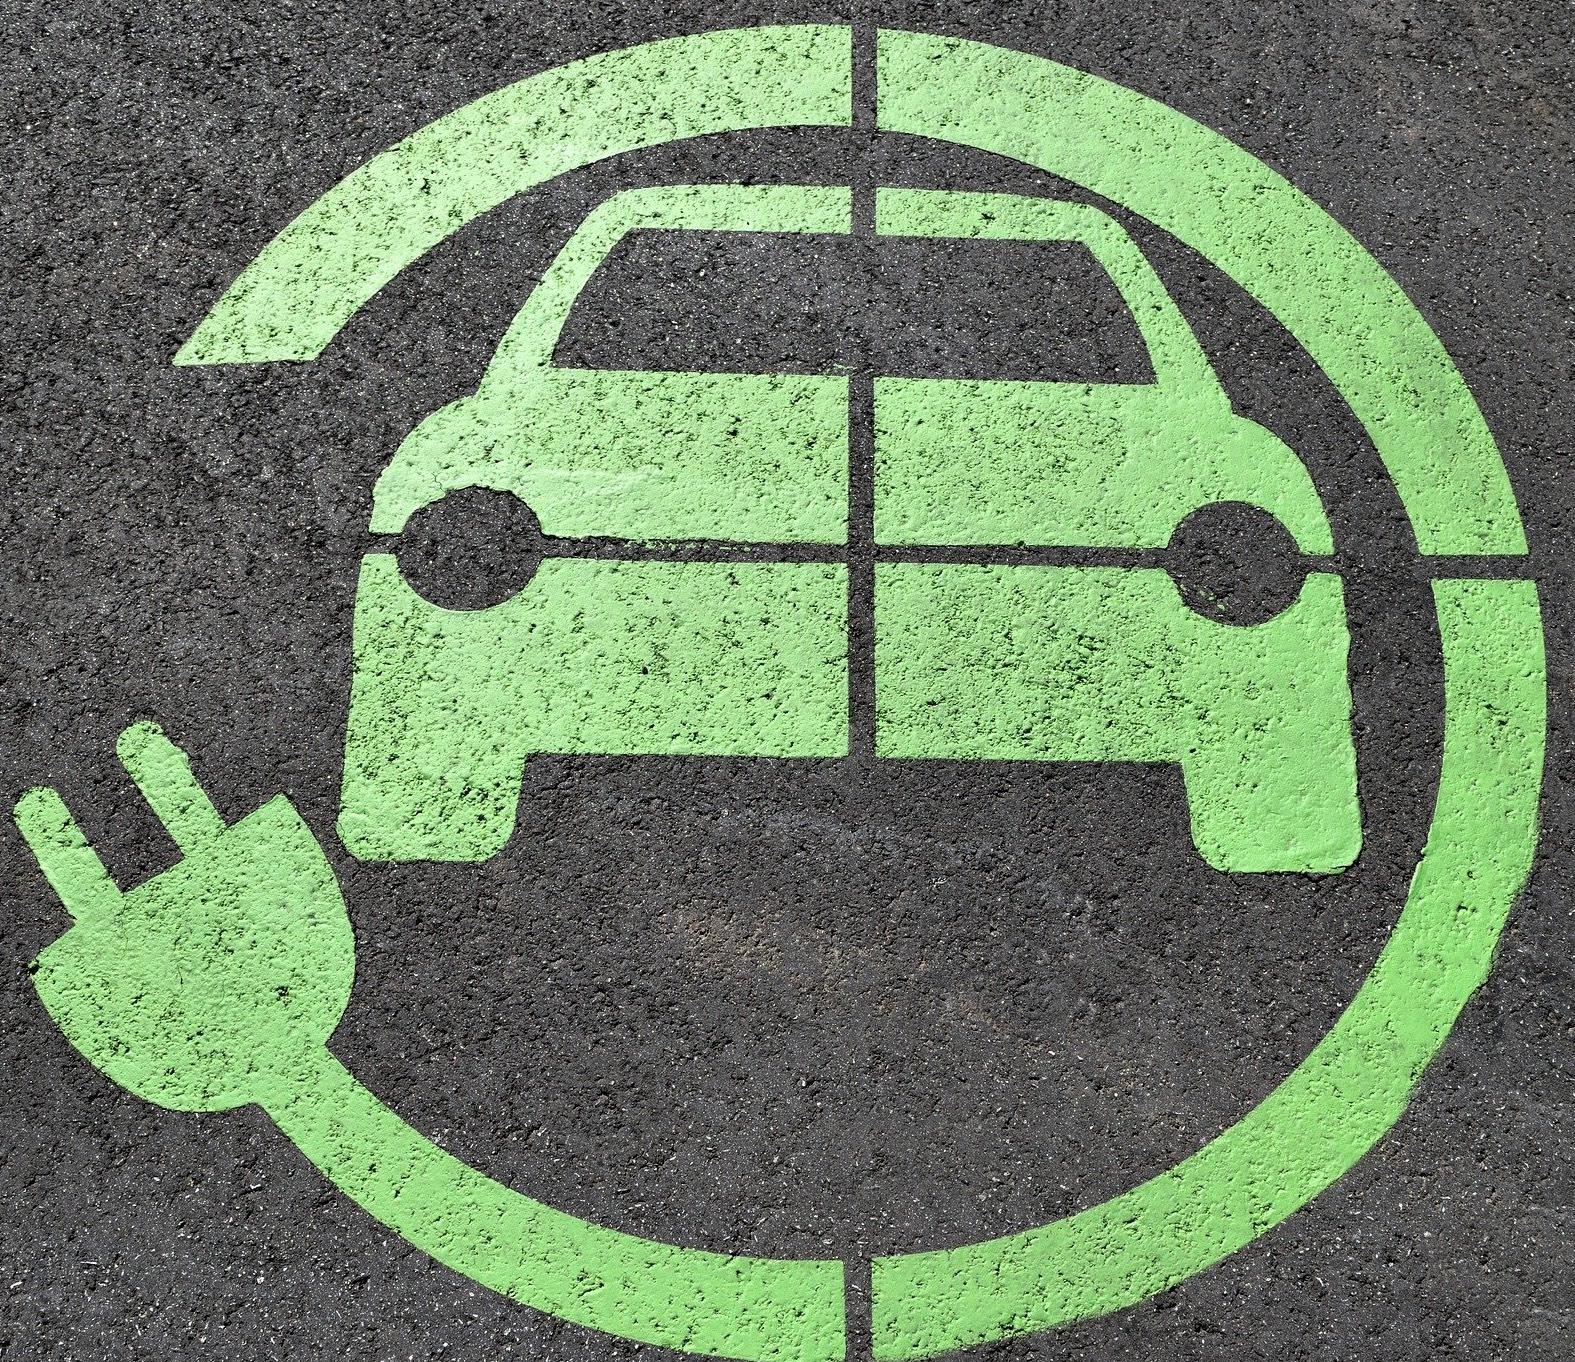 【汽車專知】插電混合動力就代表省油?方法錯誤更耗油!